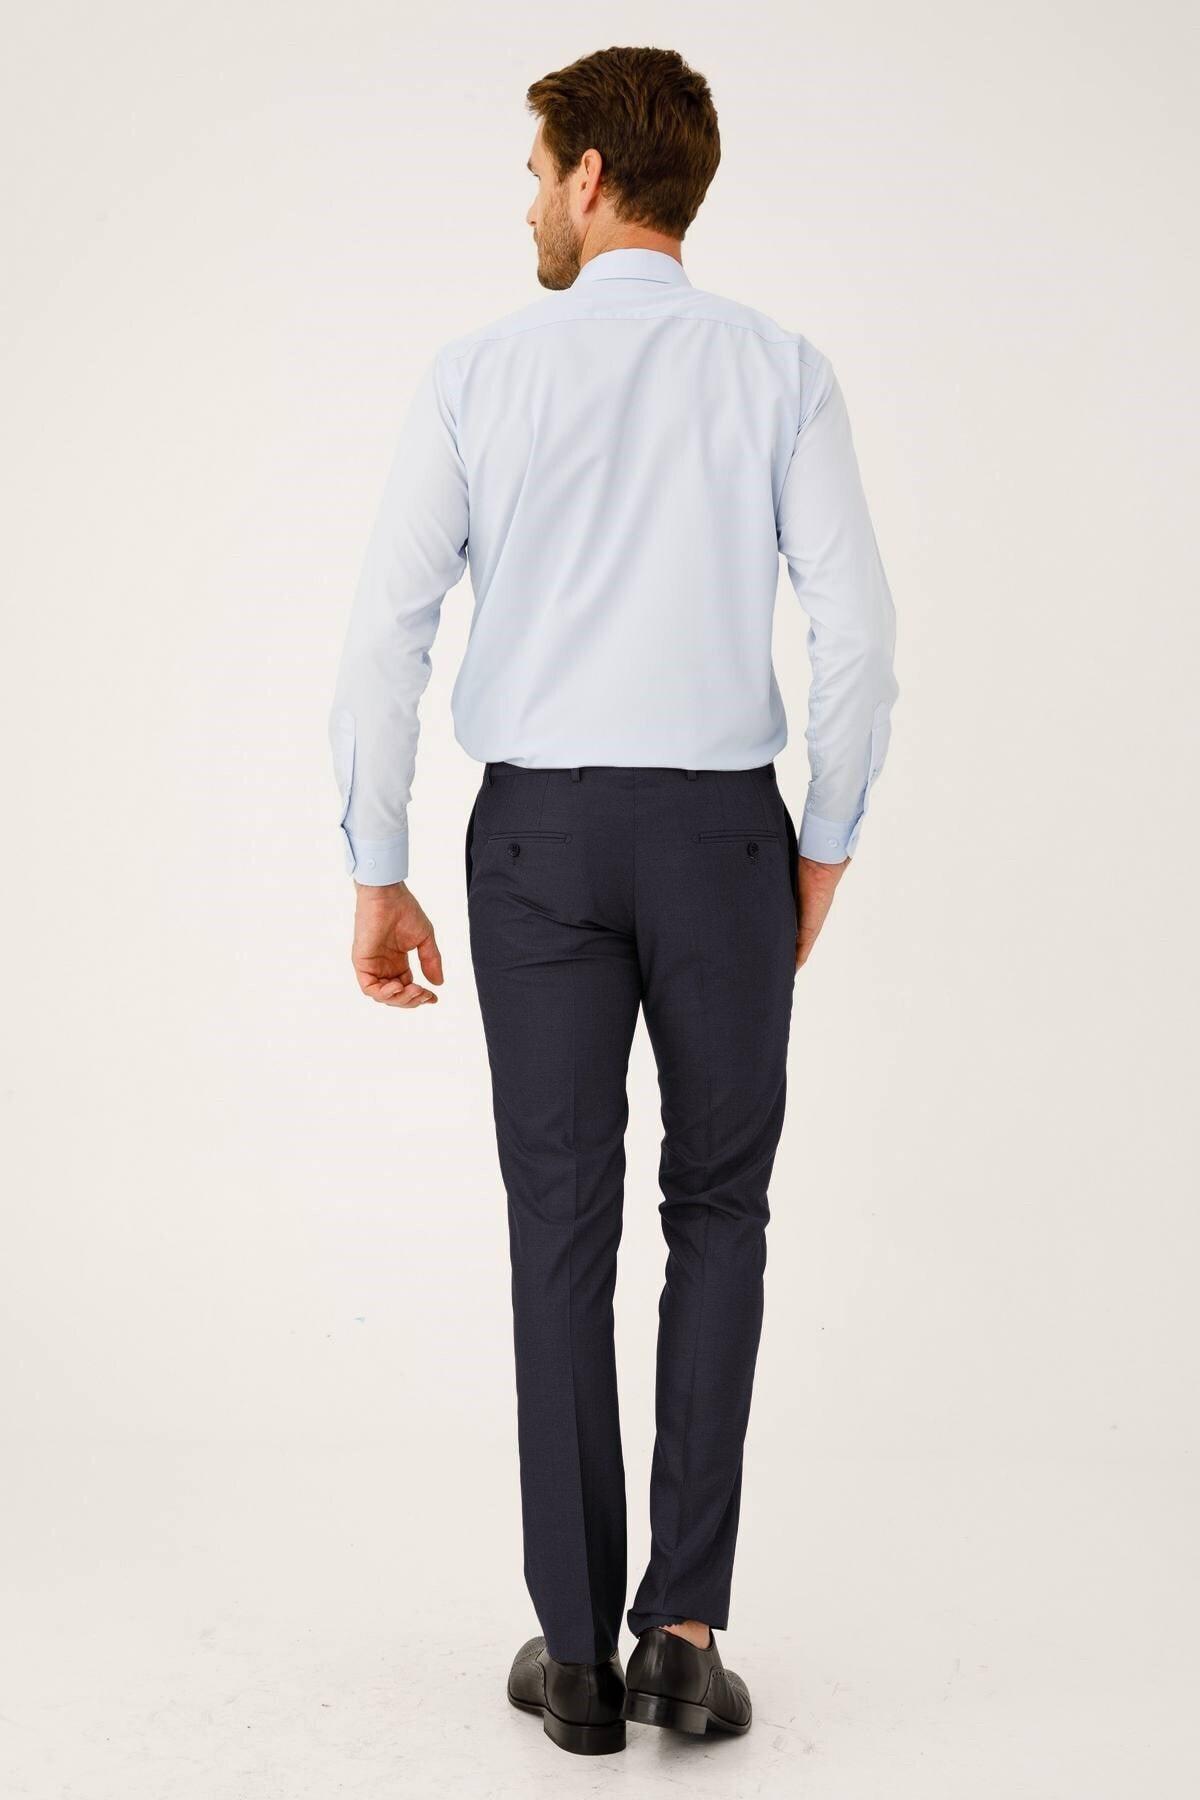 İgs Erkek Koyu Lacivert Dar Kalıp Pantolon 2